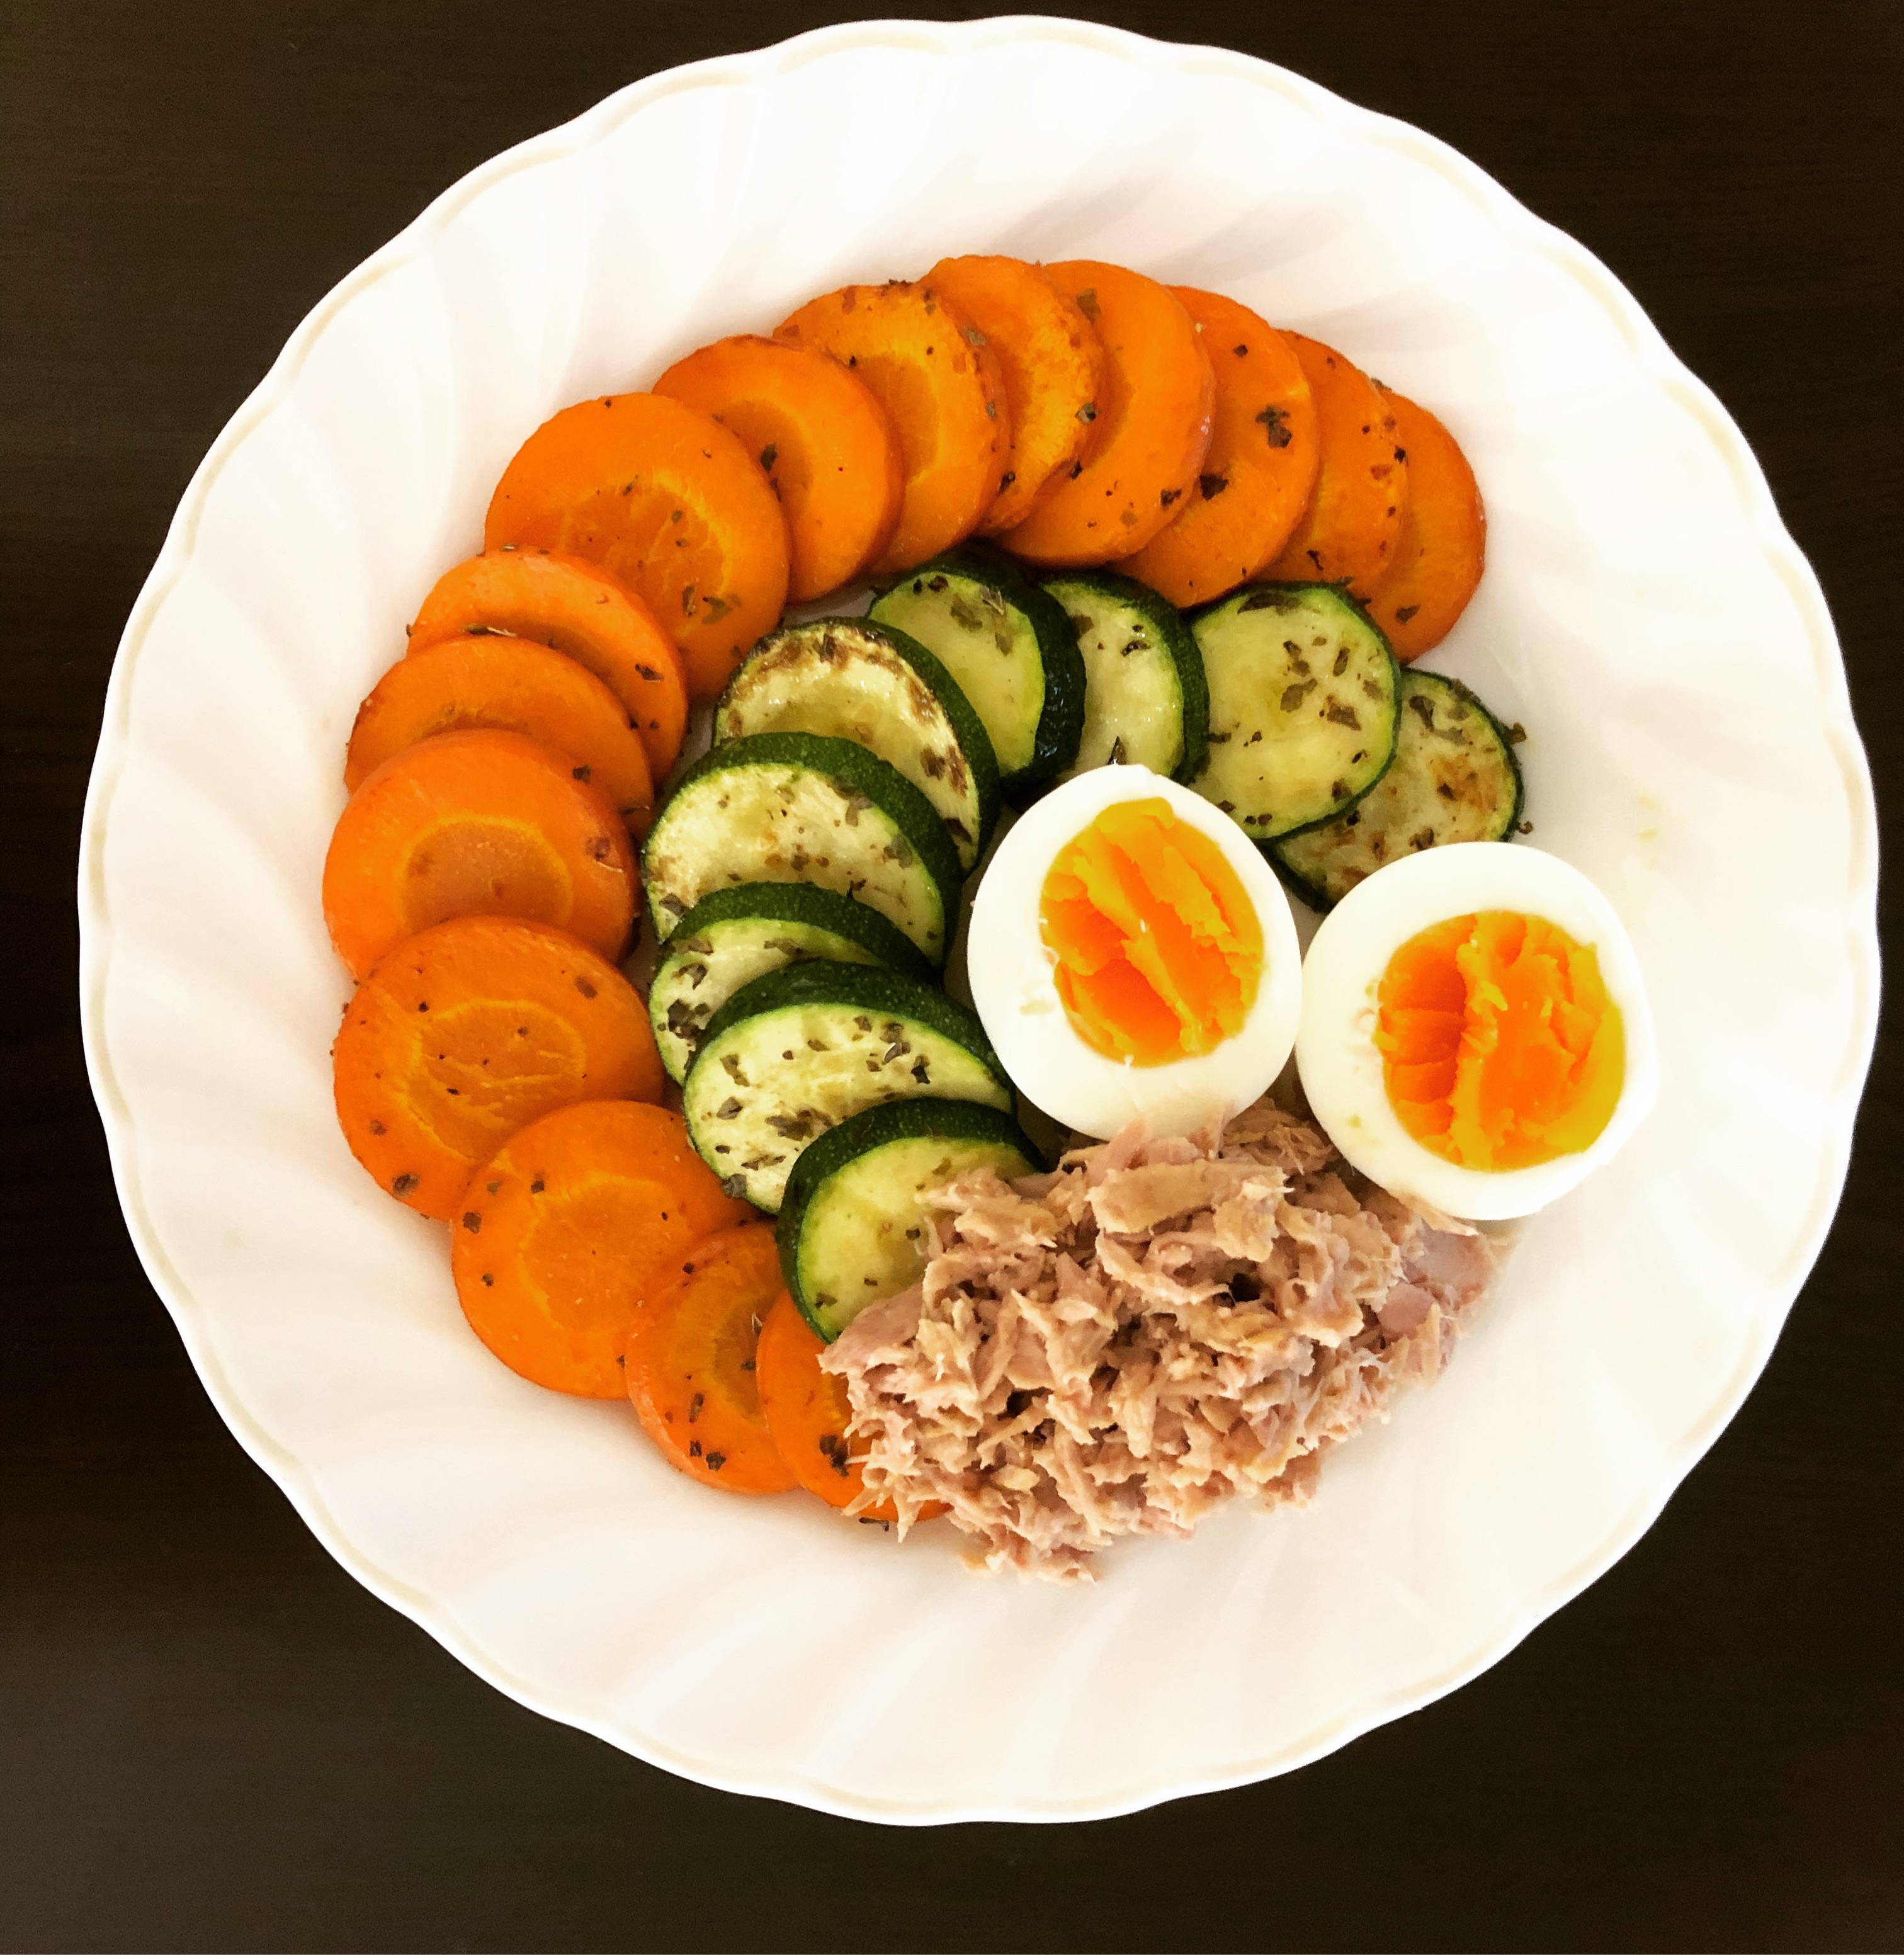 ワンプレートご飯でダイエット【写真付きレシピ】